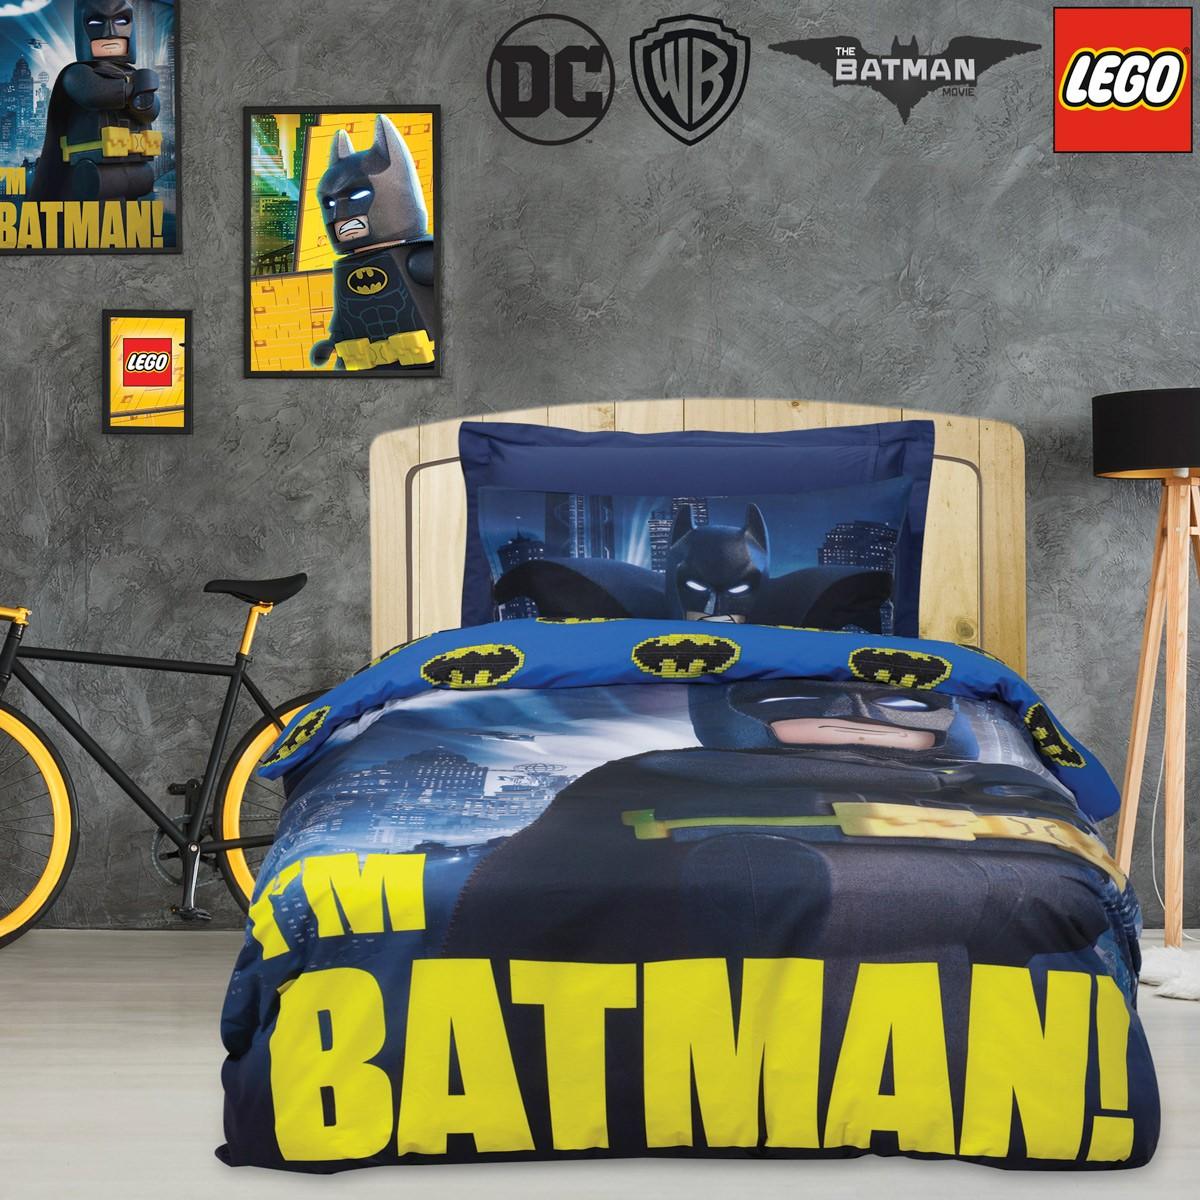 Σεντόνια Μονά (Σετ) Das Home Lego Batman 5003 home   παιδικά   σεντόνια παιδικά